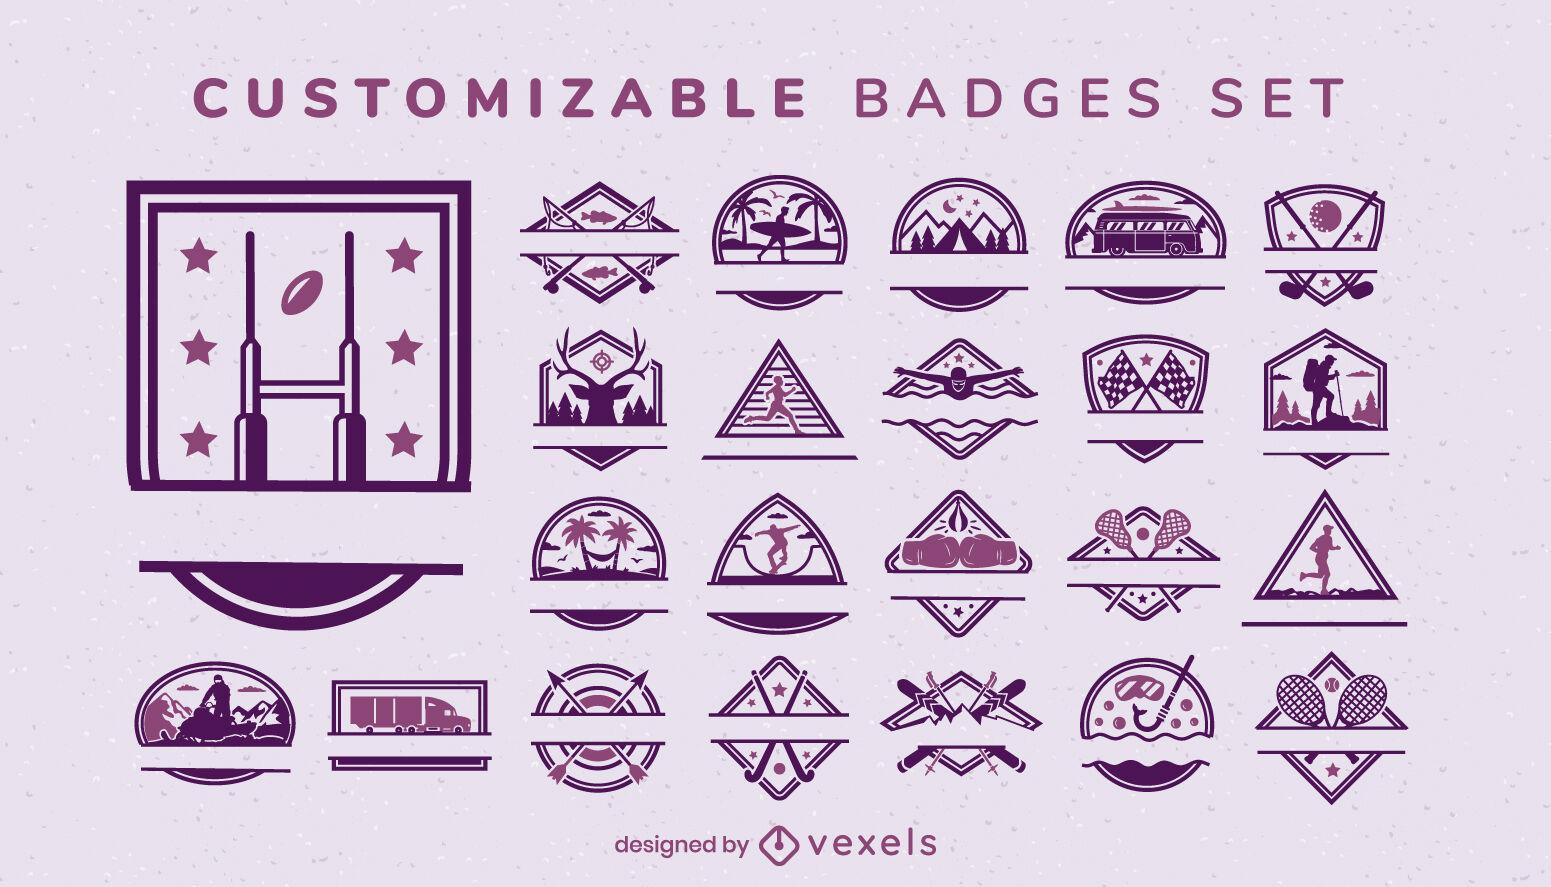 Conjunto de insignias deportivas y actividades personalizables